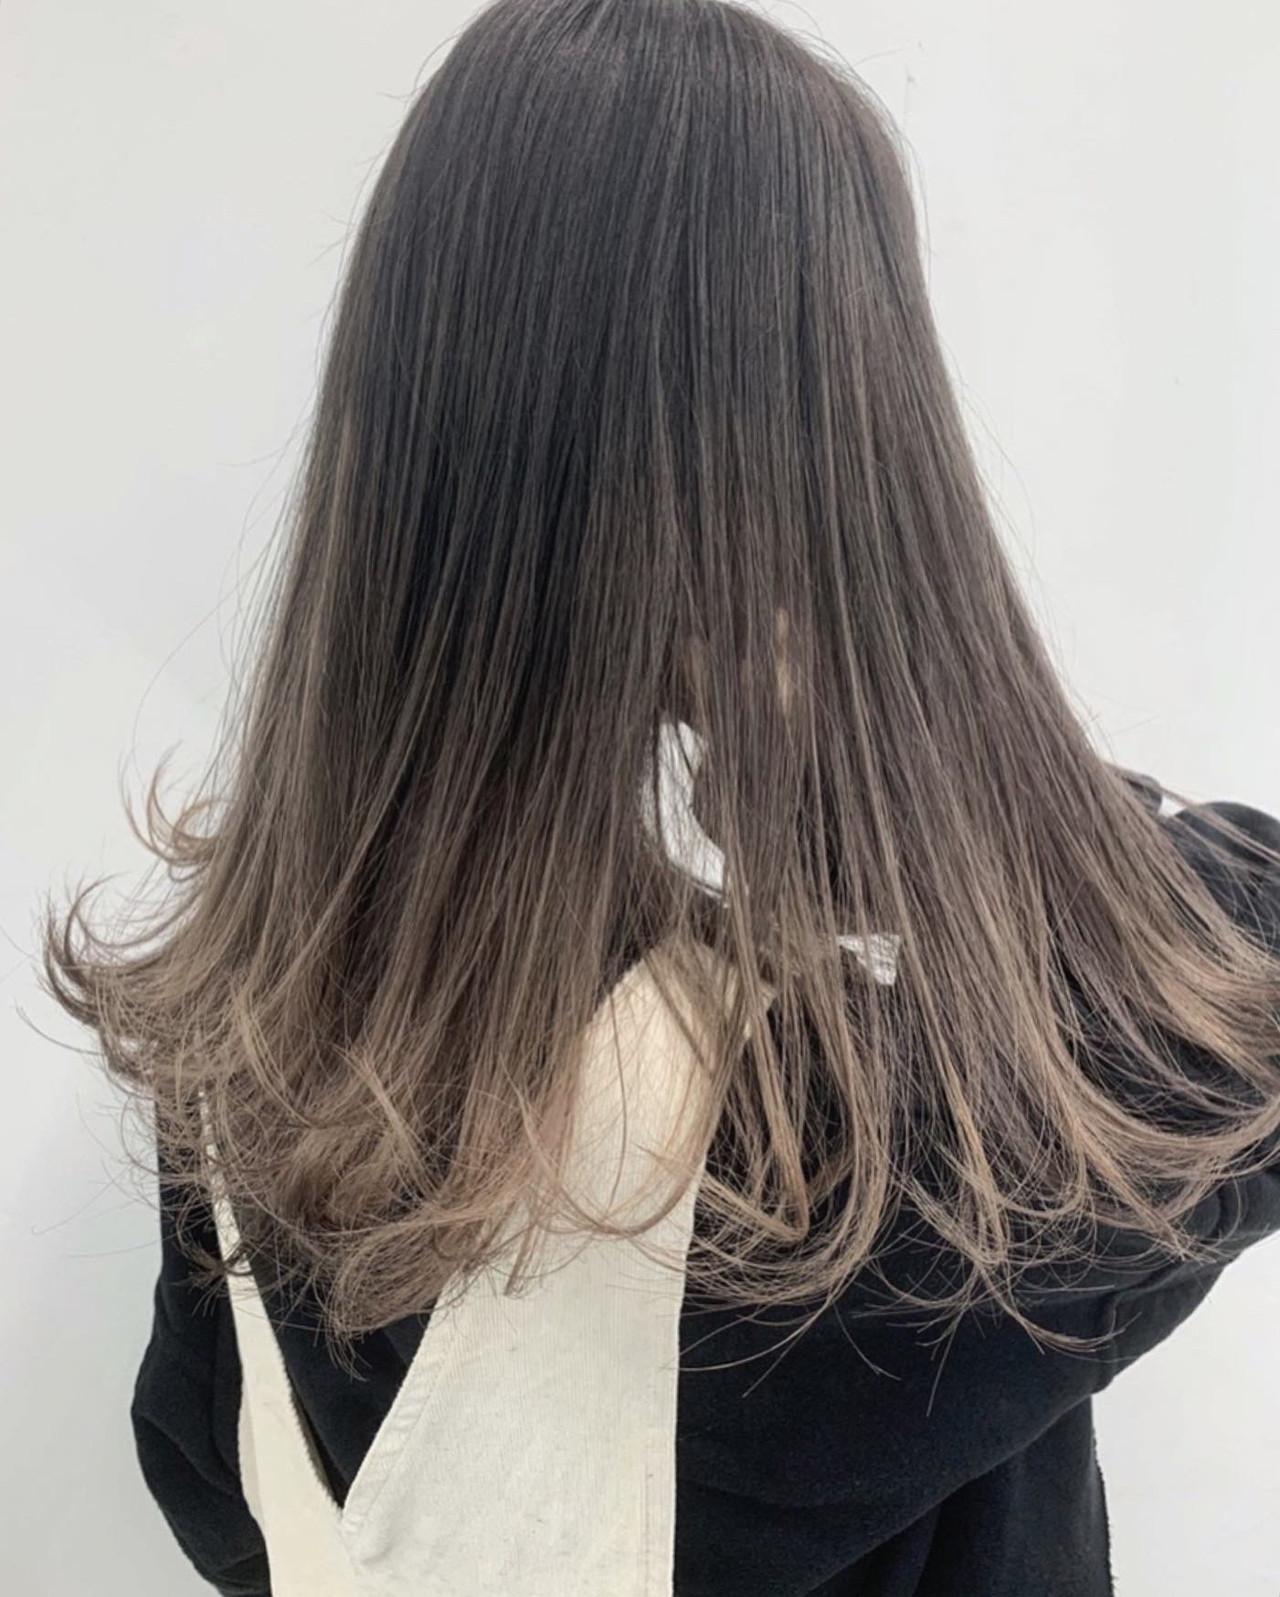 セミロング バレイヤージュ ナチュラル グラデーションカラー ヘアスタイルや髪型の写真・画像